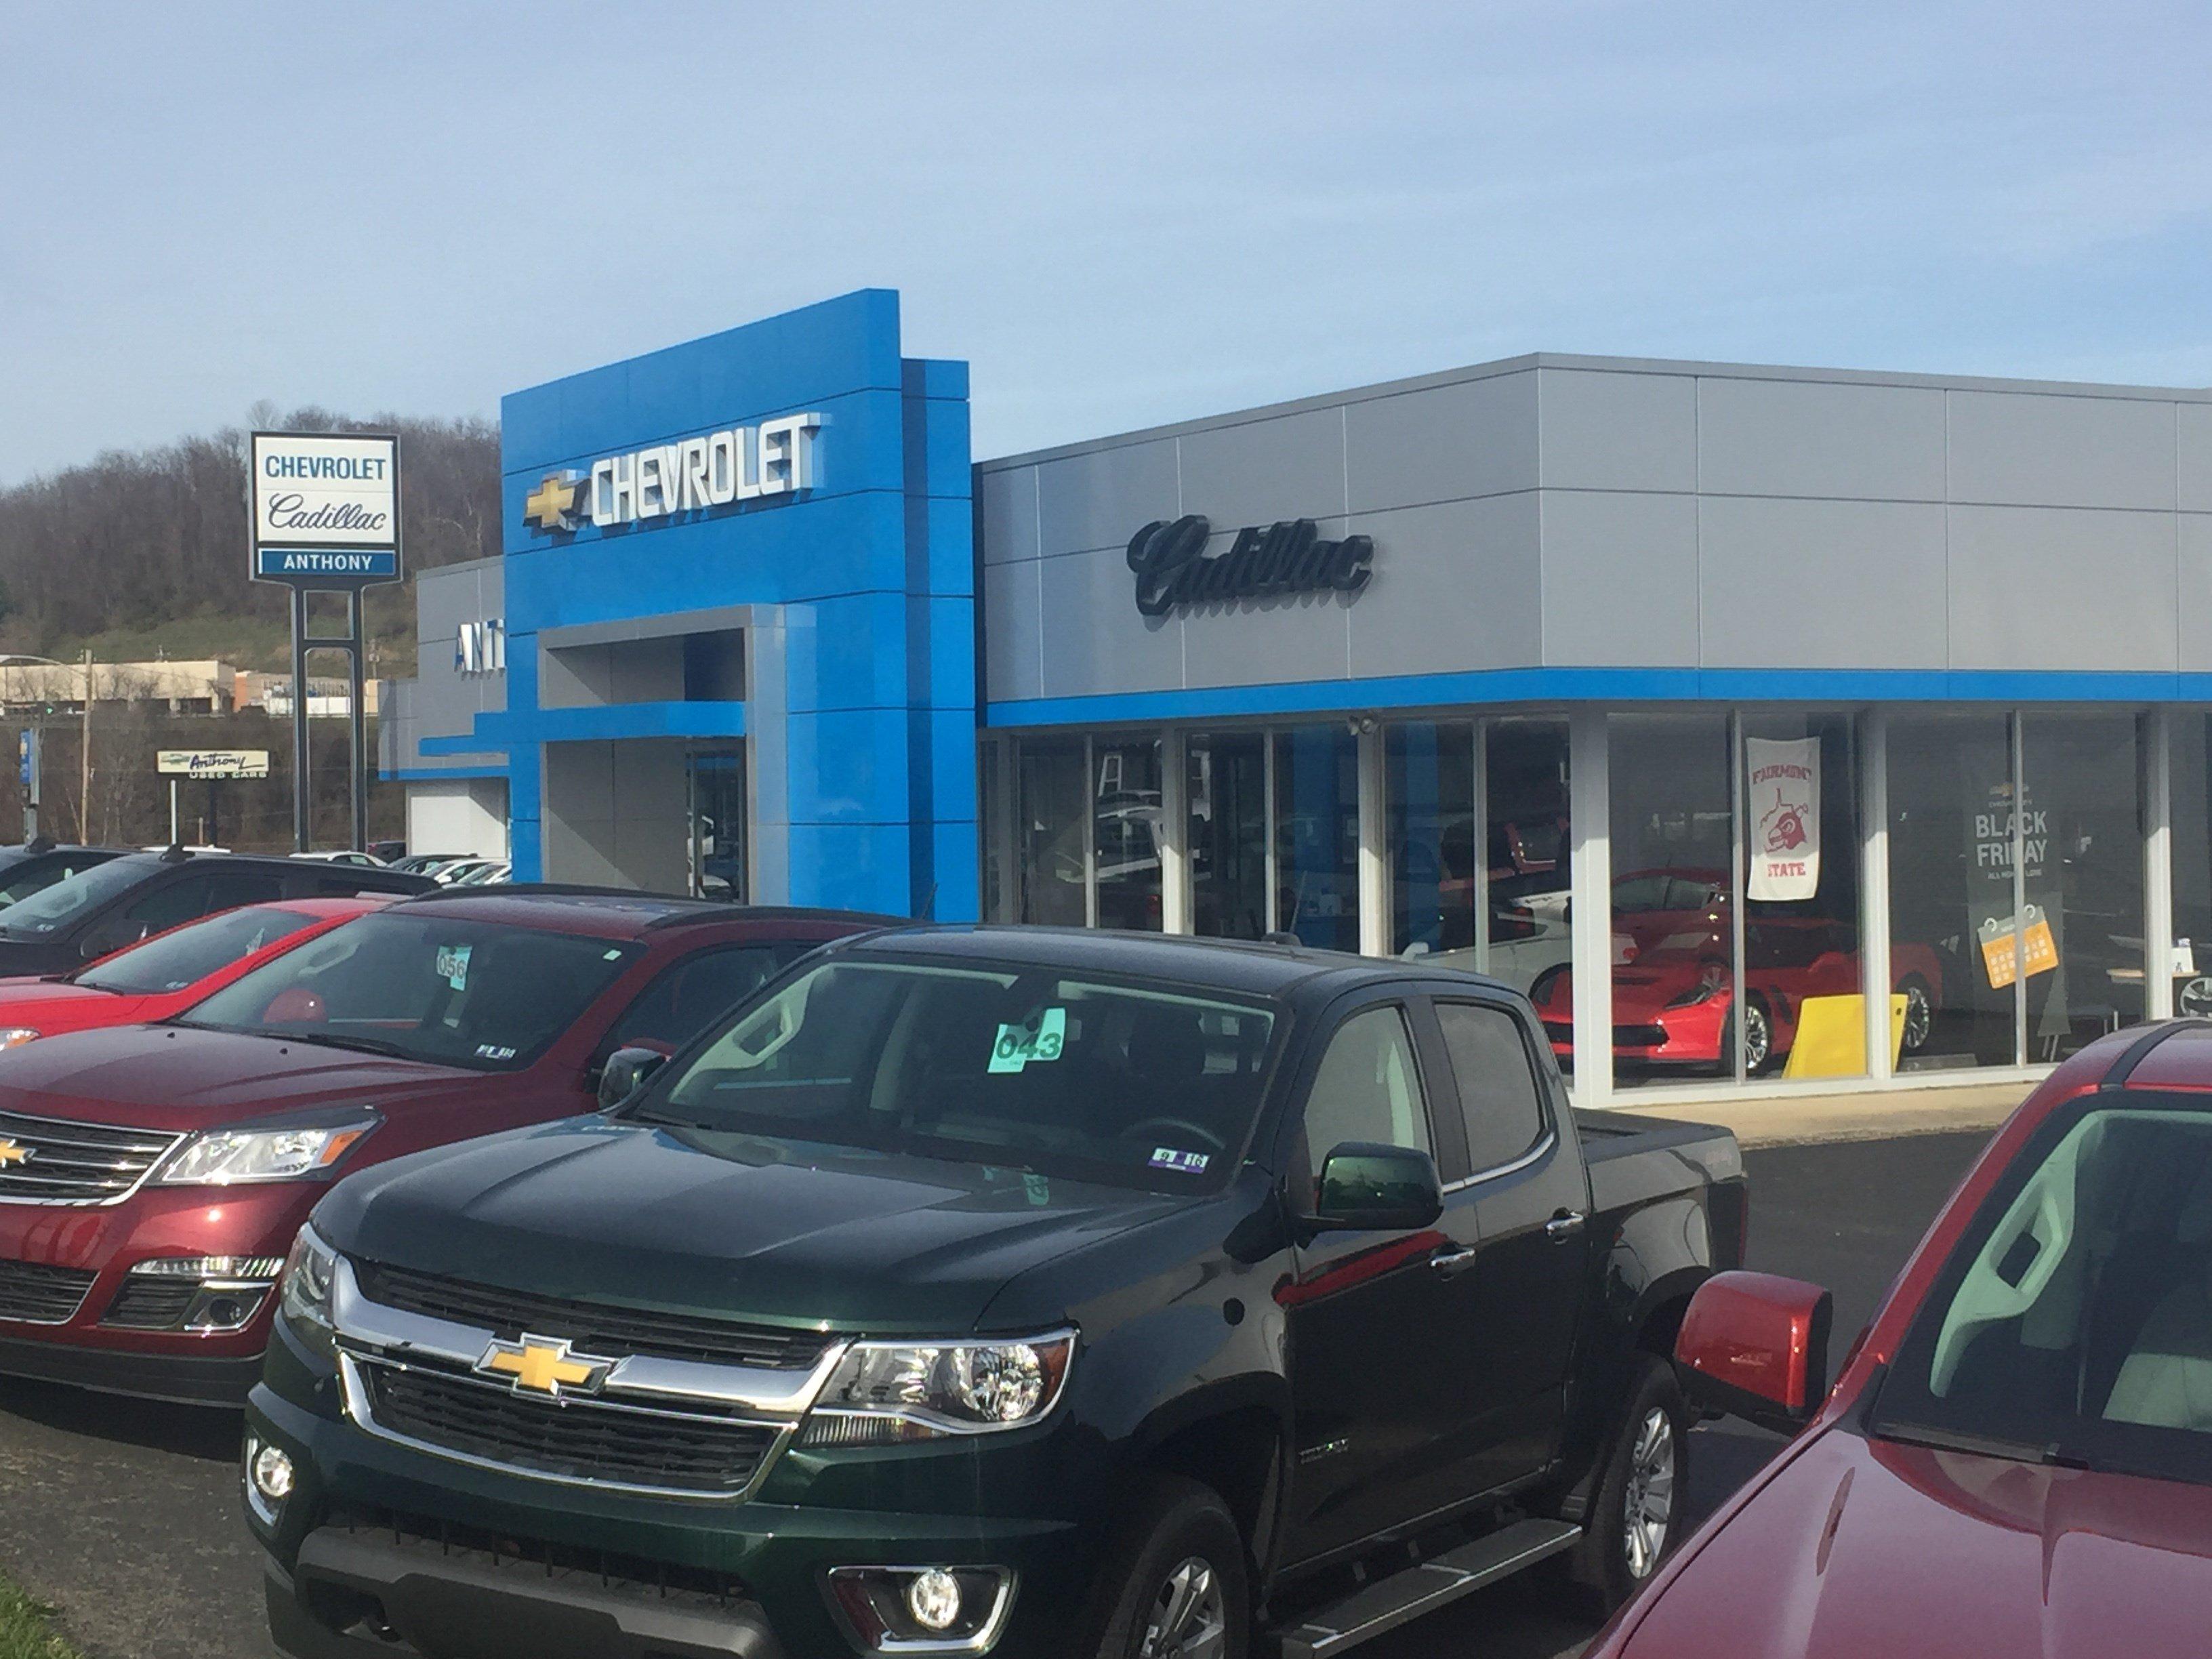 Anthony's Chevrolet